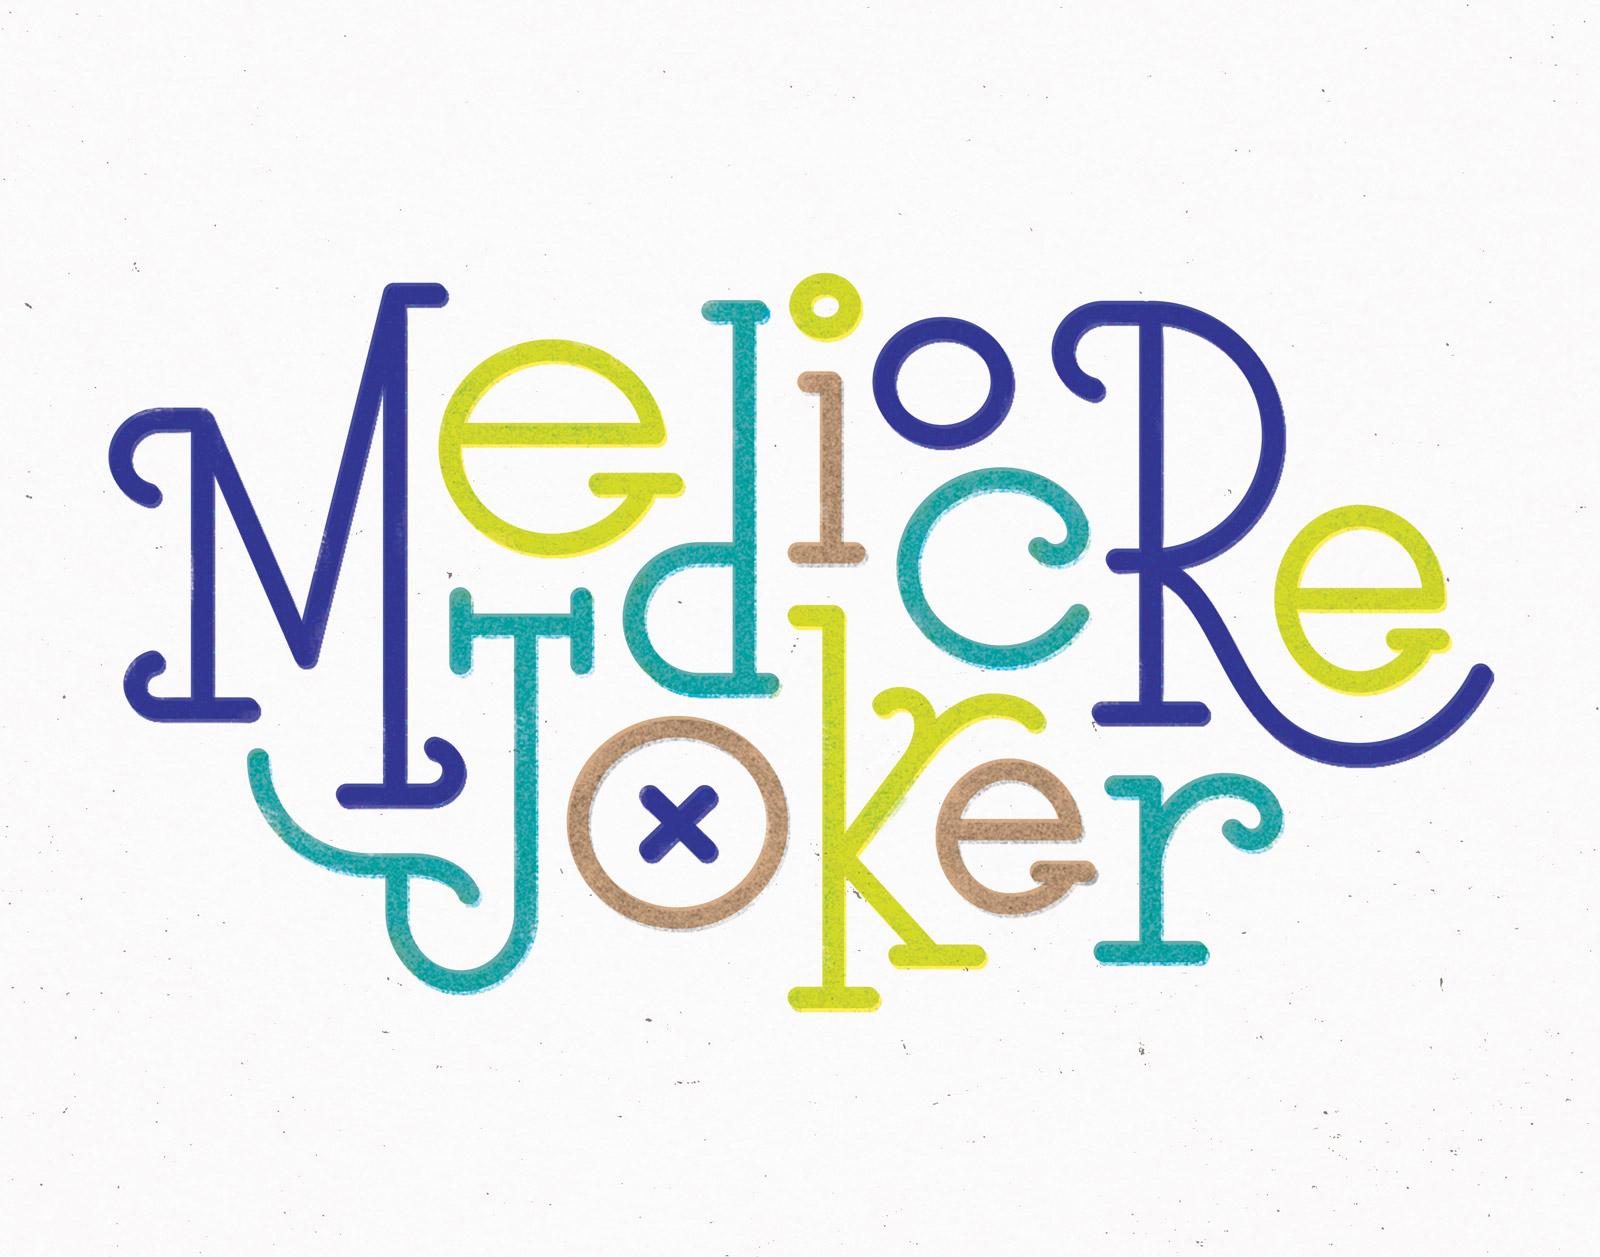 mediocrejokercolortexture-lg.jpg